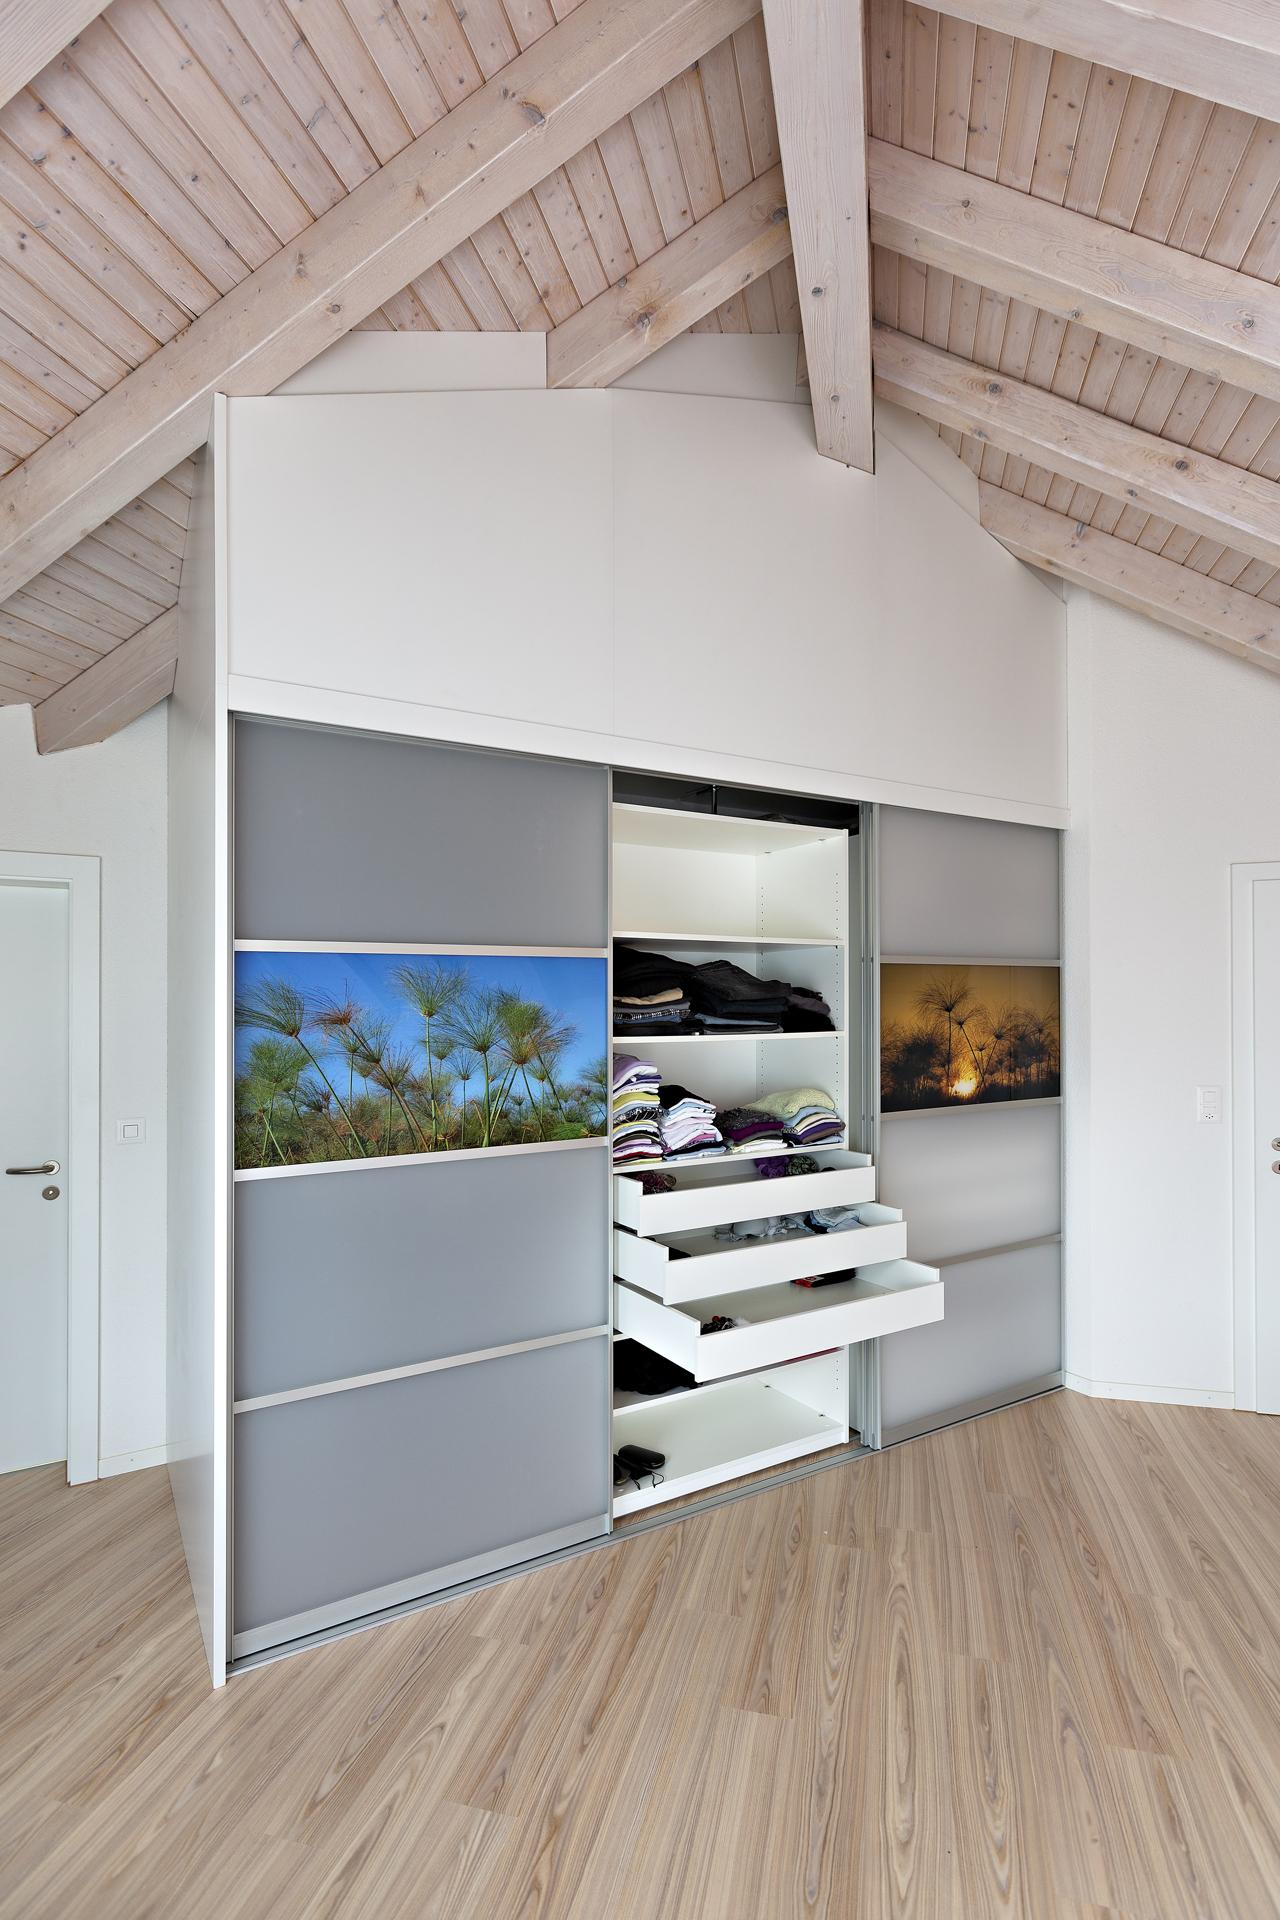 verschiebbare regale mit schubladen im kleiderschrank auf zu. Black Bedroom Furniture Sets. Home Design Ideas